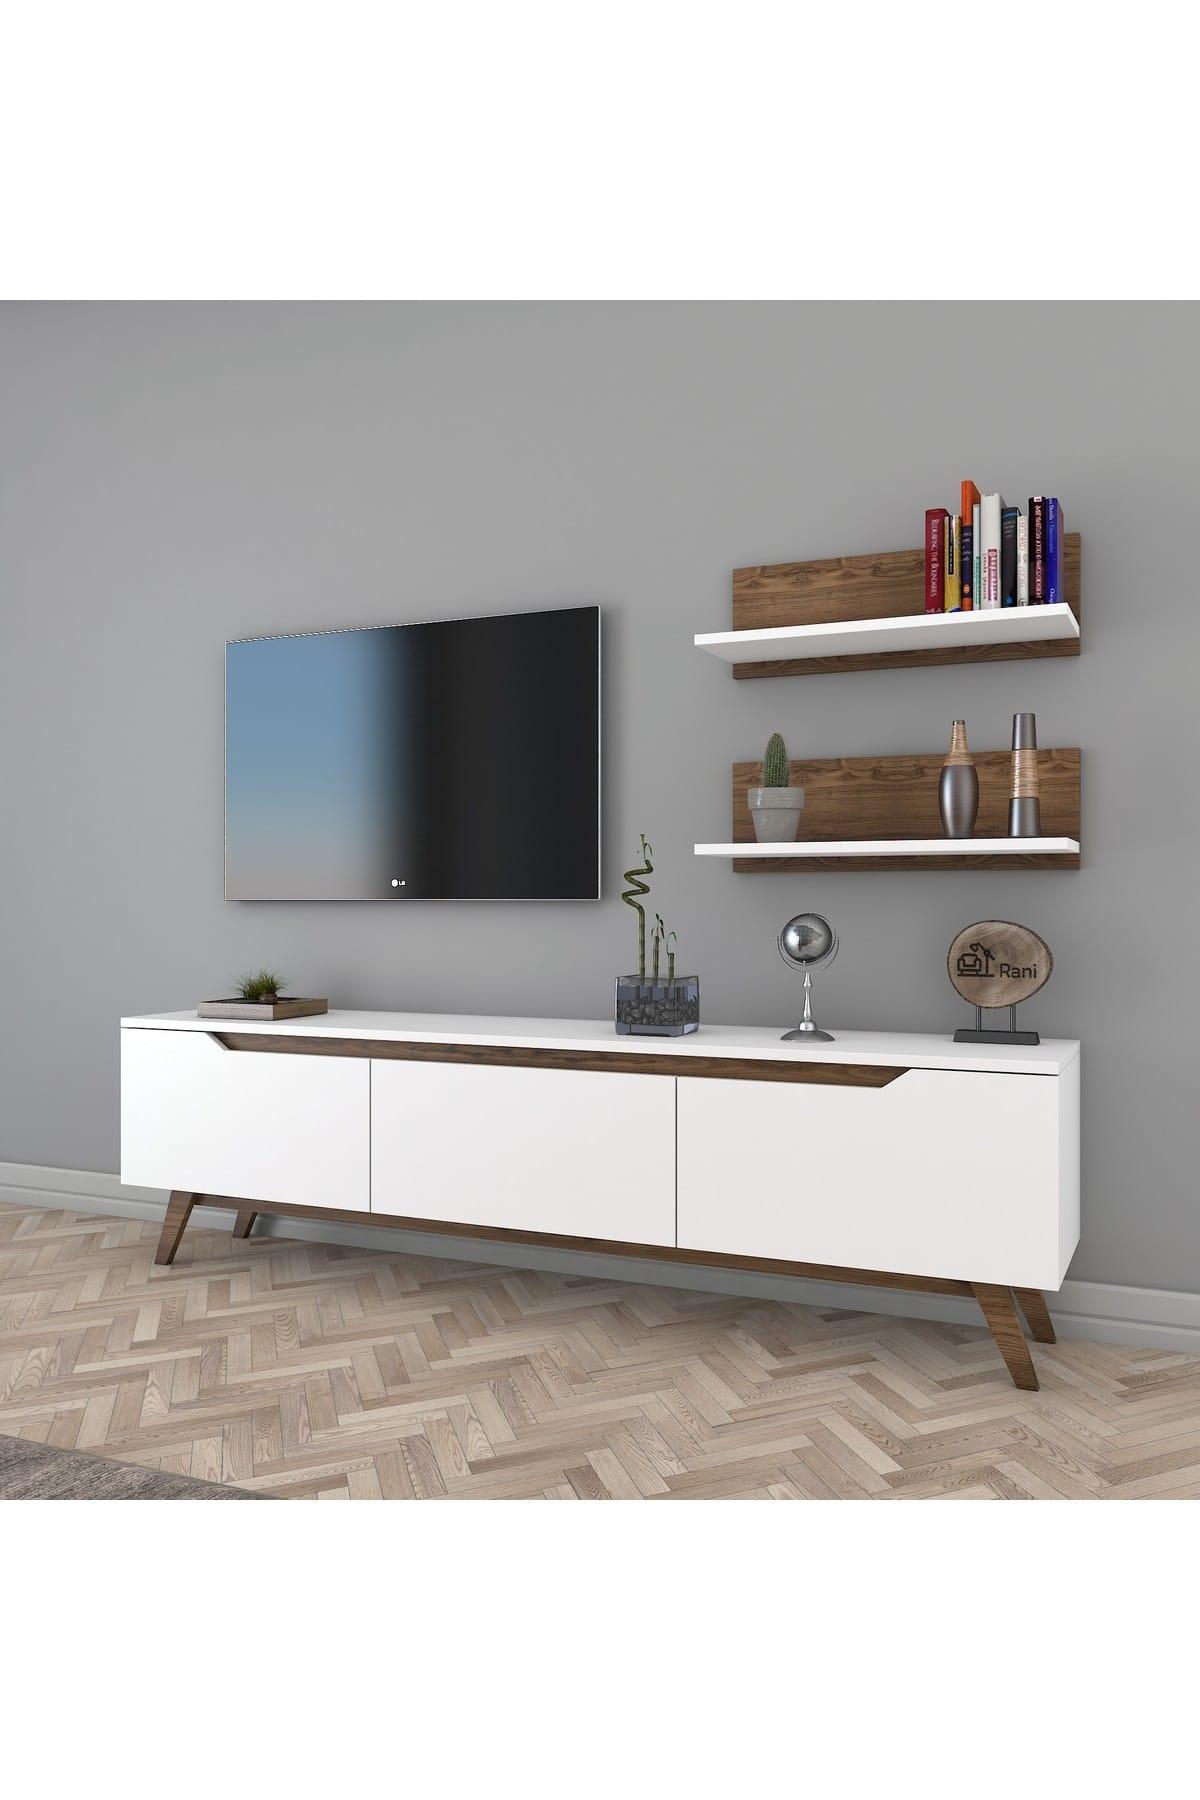 Rani Mobilya Rani D1 Duvar Raflı Kitaplıklı Tv Ünitesi Ahşap Ayaklı Tv Sehpası Beyaz Ceviz M48 1